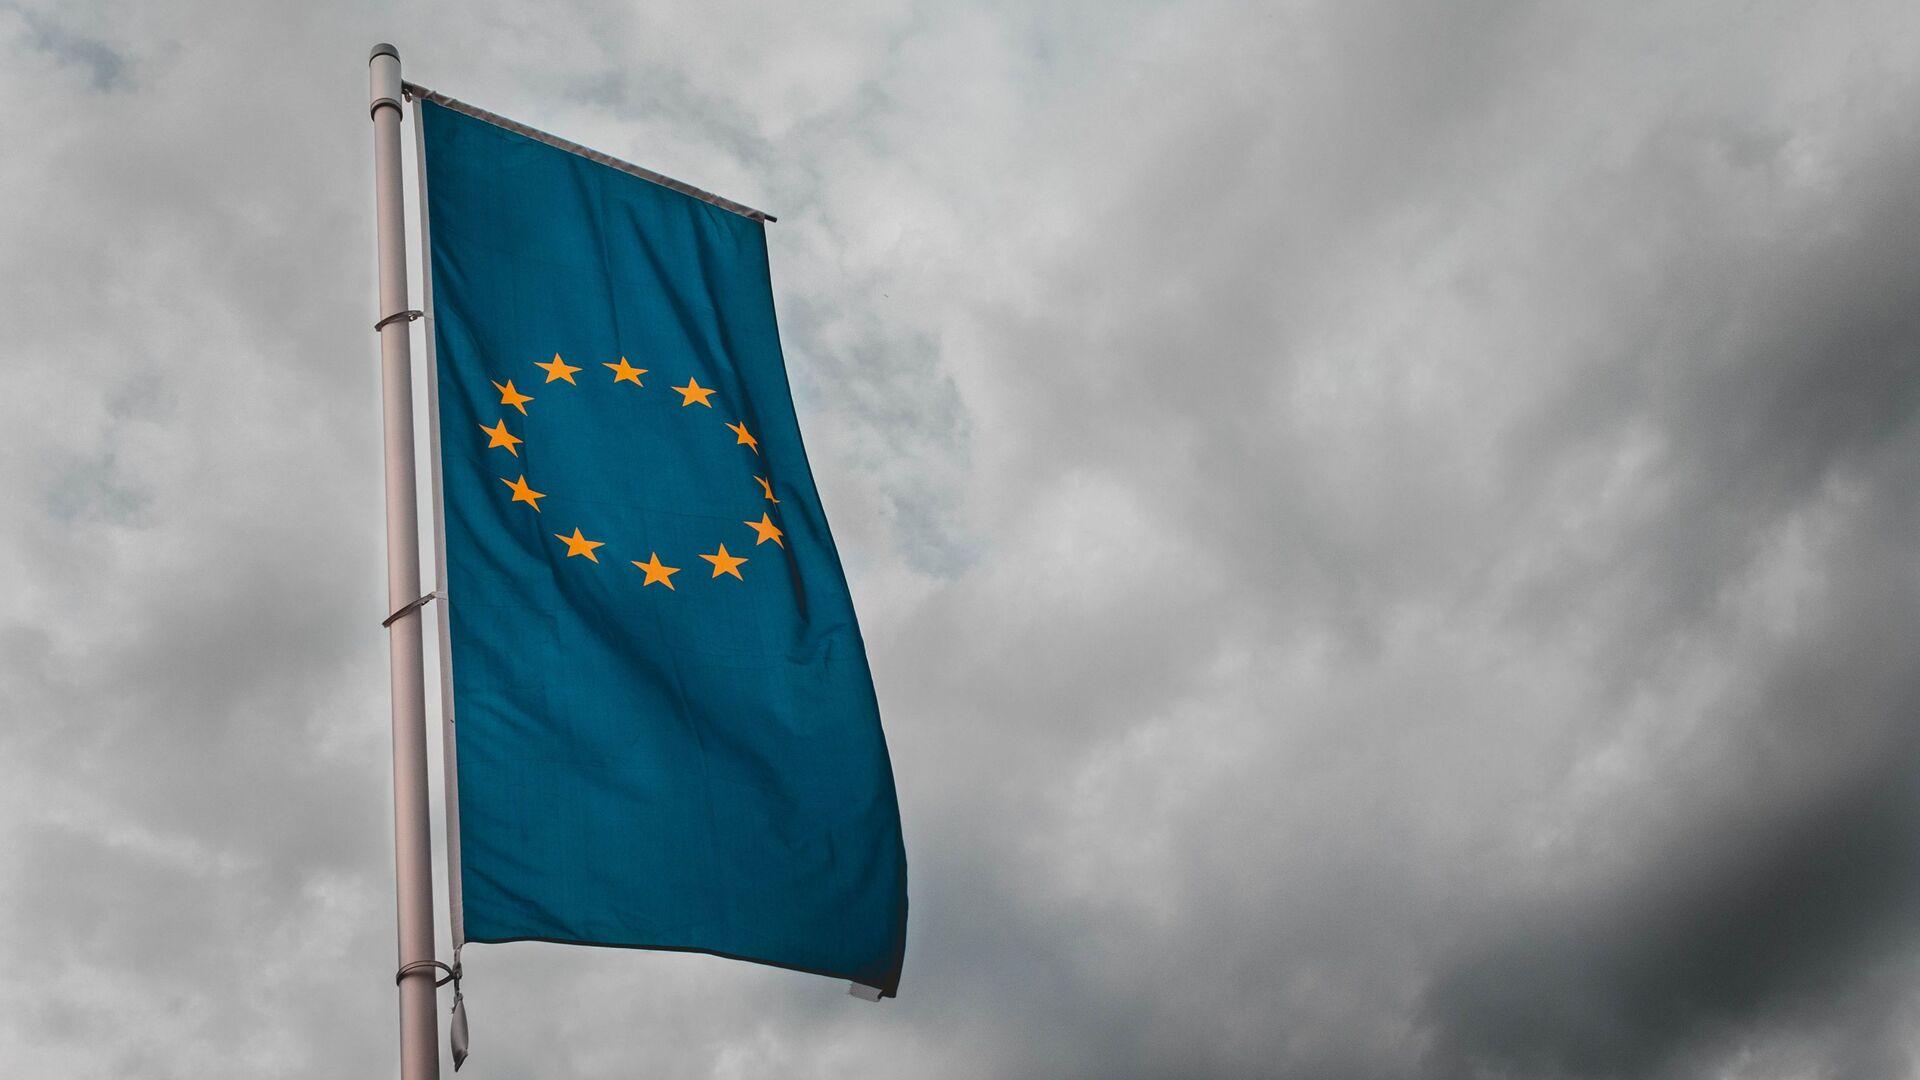 Bandera de la Unión Europea - Sputnik Mundo, 1920, 08.02.2021